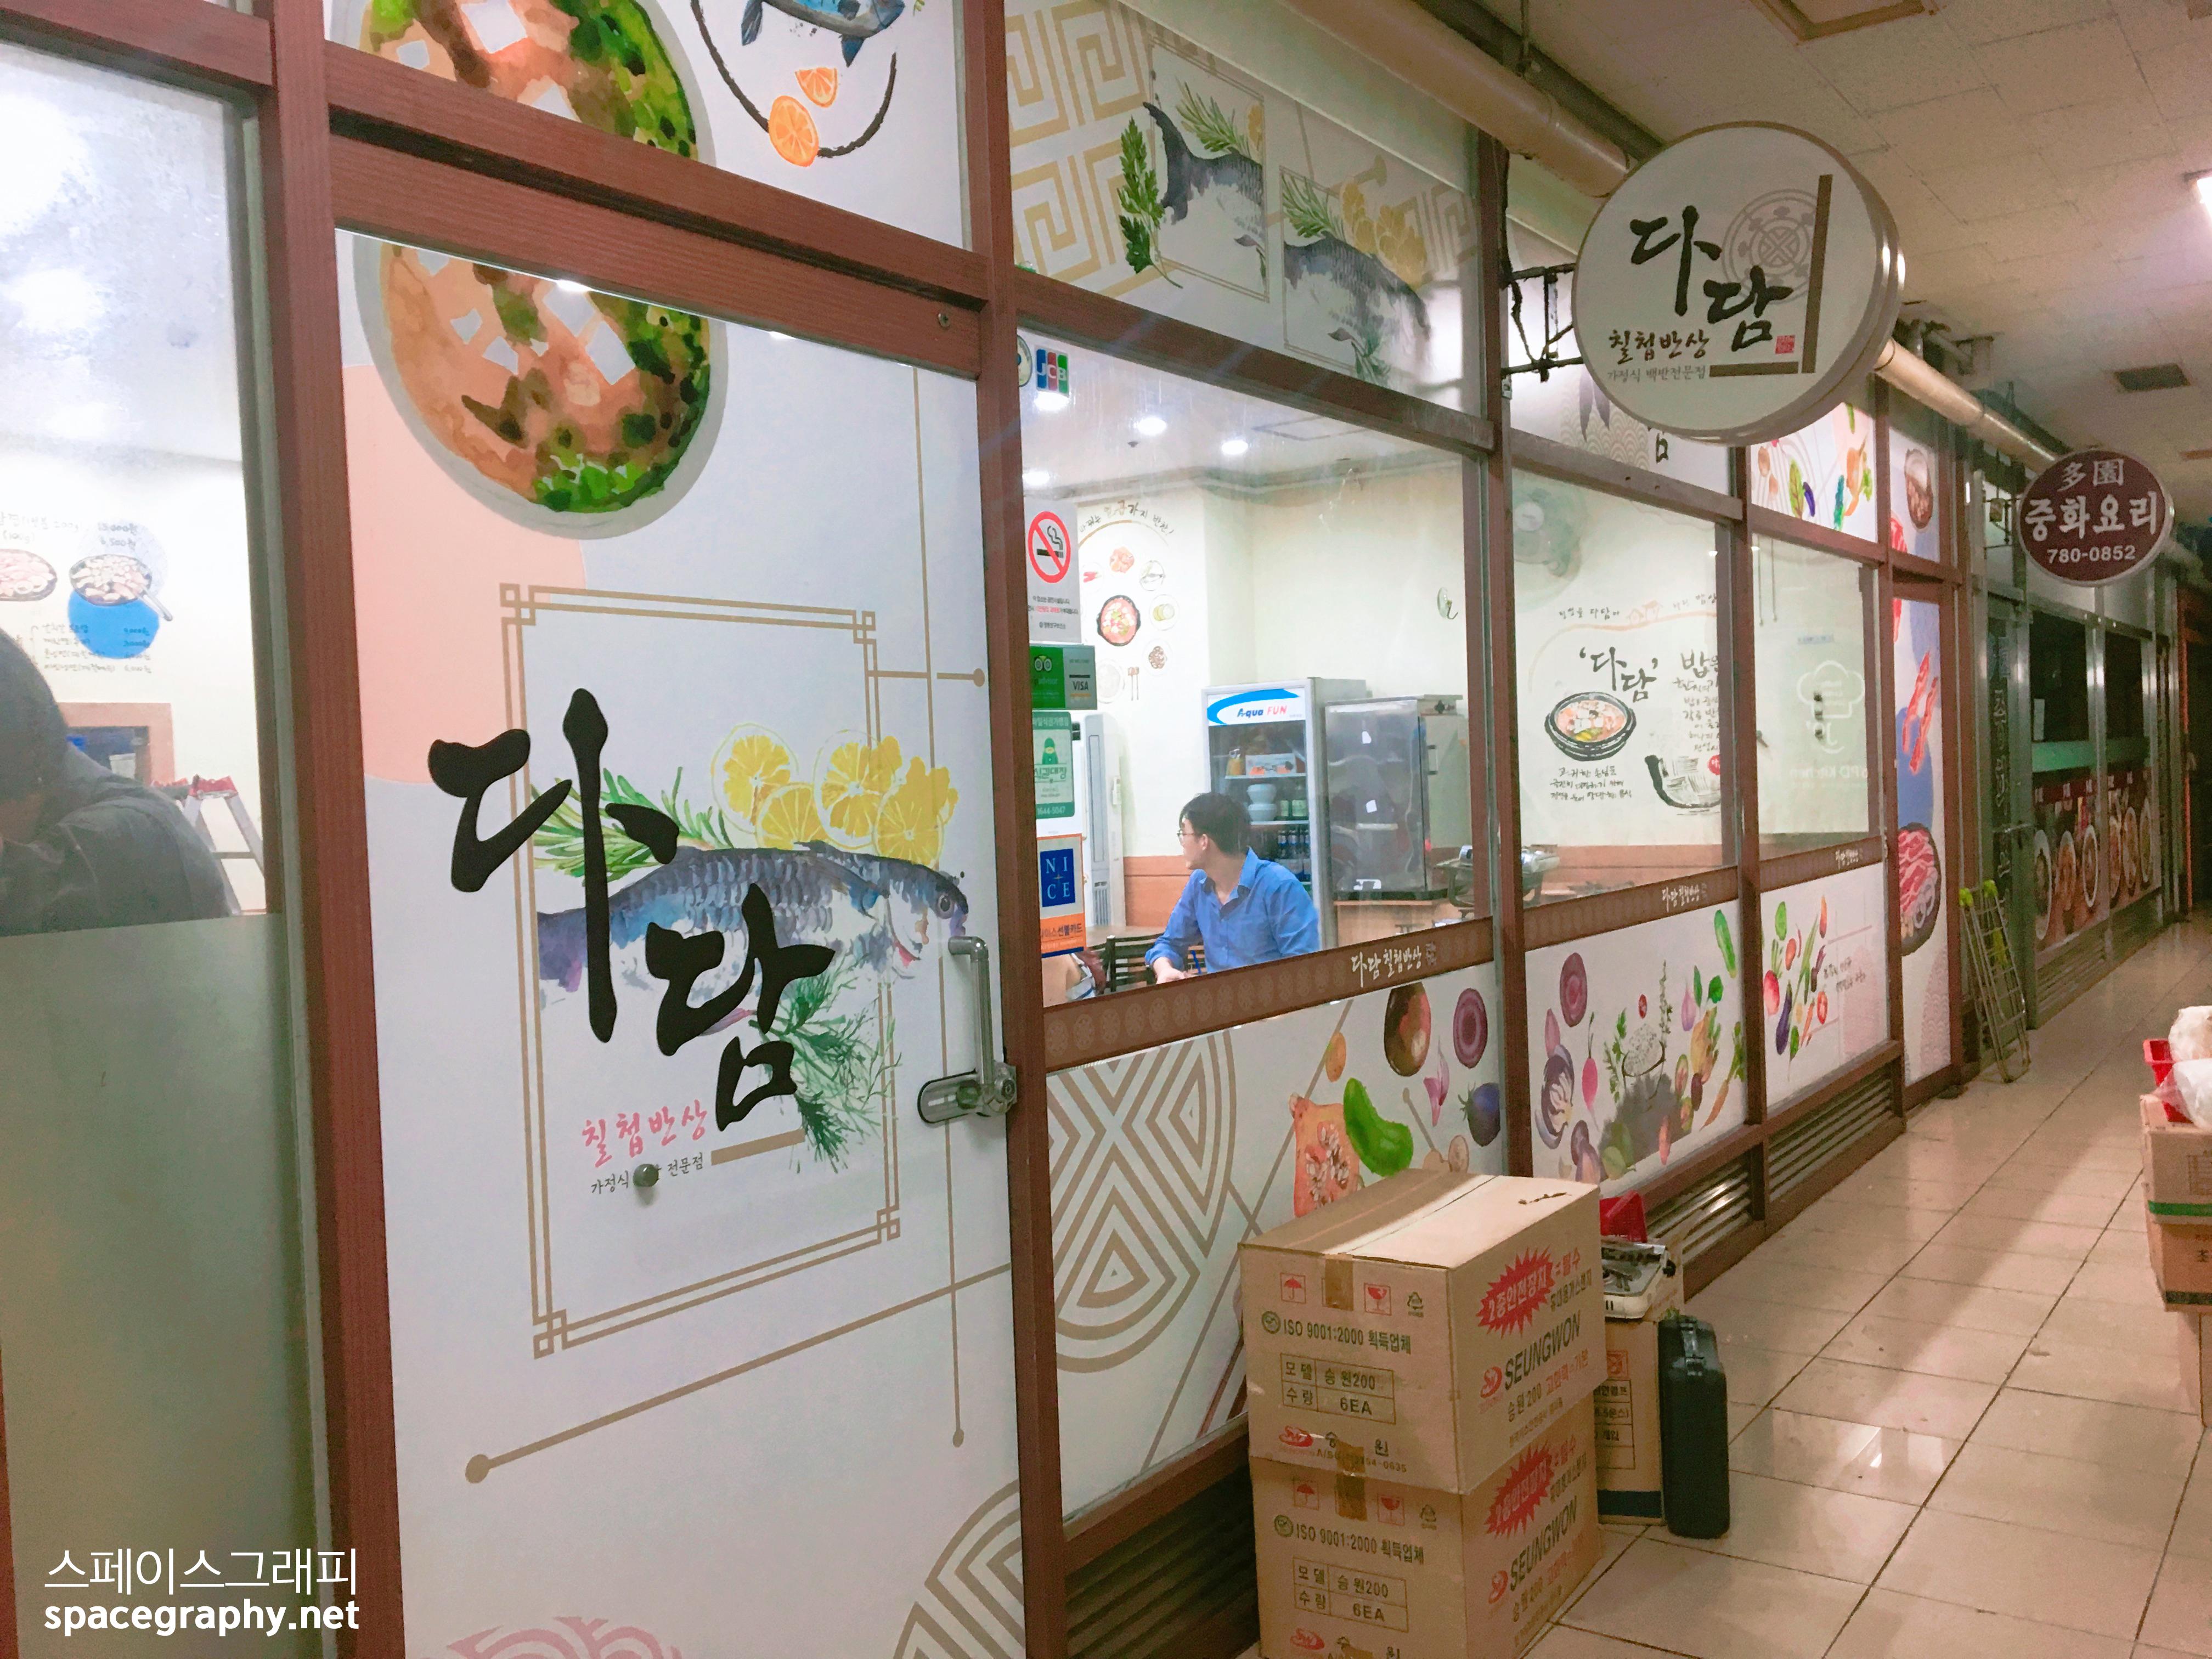 식당벽화_음식점벽화_실내벽화_인테리어벽화_식당인테리어_음식점인테리어_메뉴판벽화_음식벽화_4